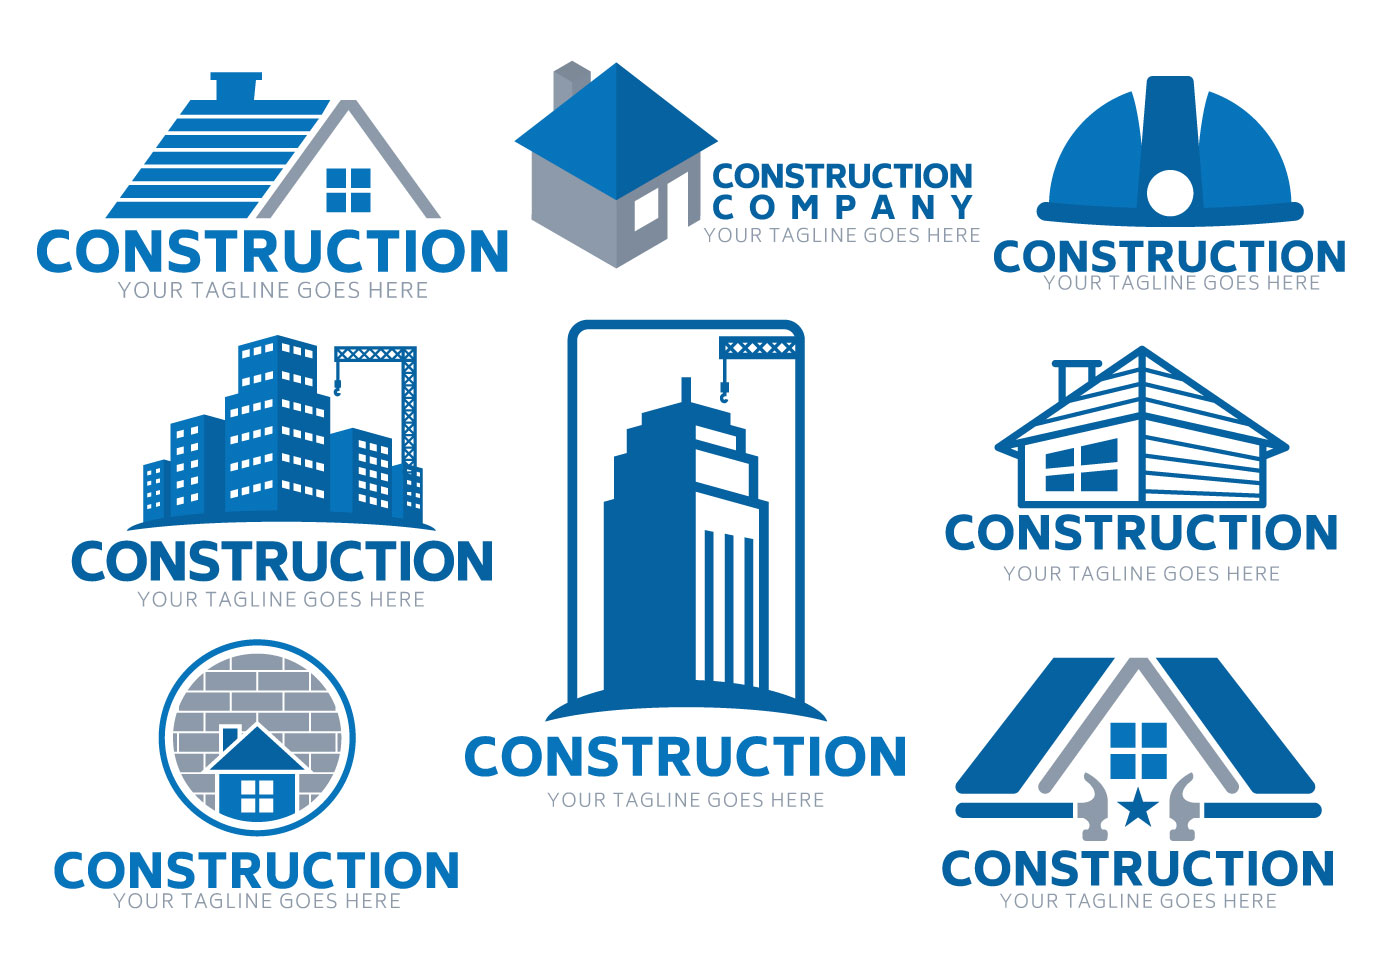 Construction logo vector - Download Free Vectors, Clipart Graphics & Vector Art